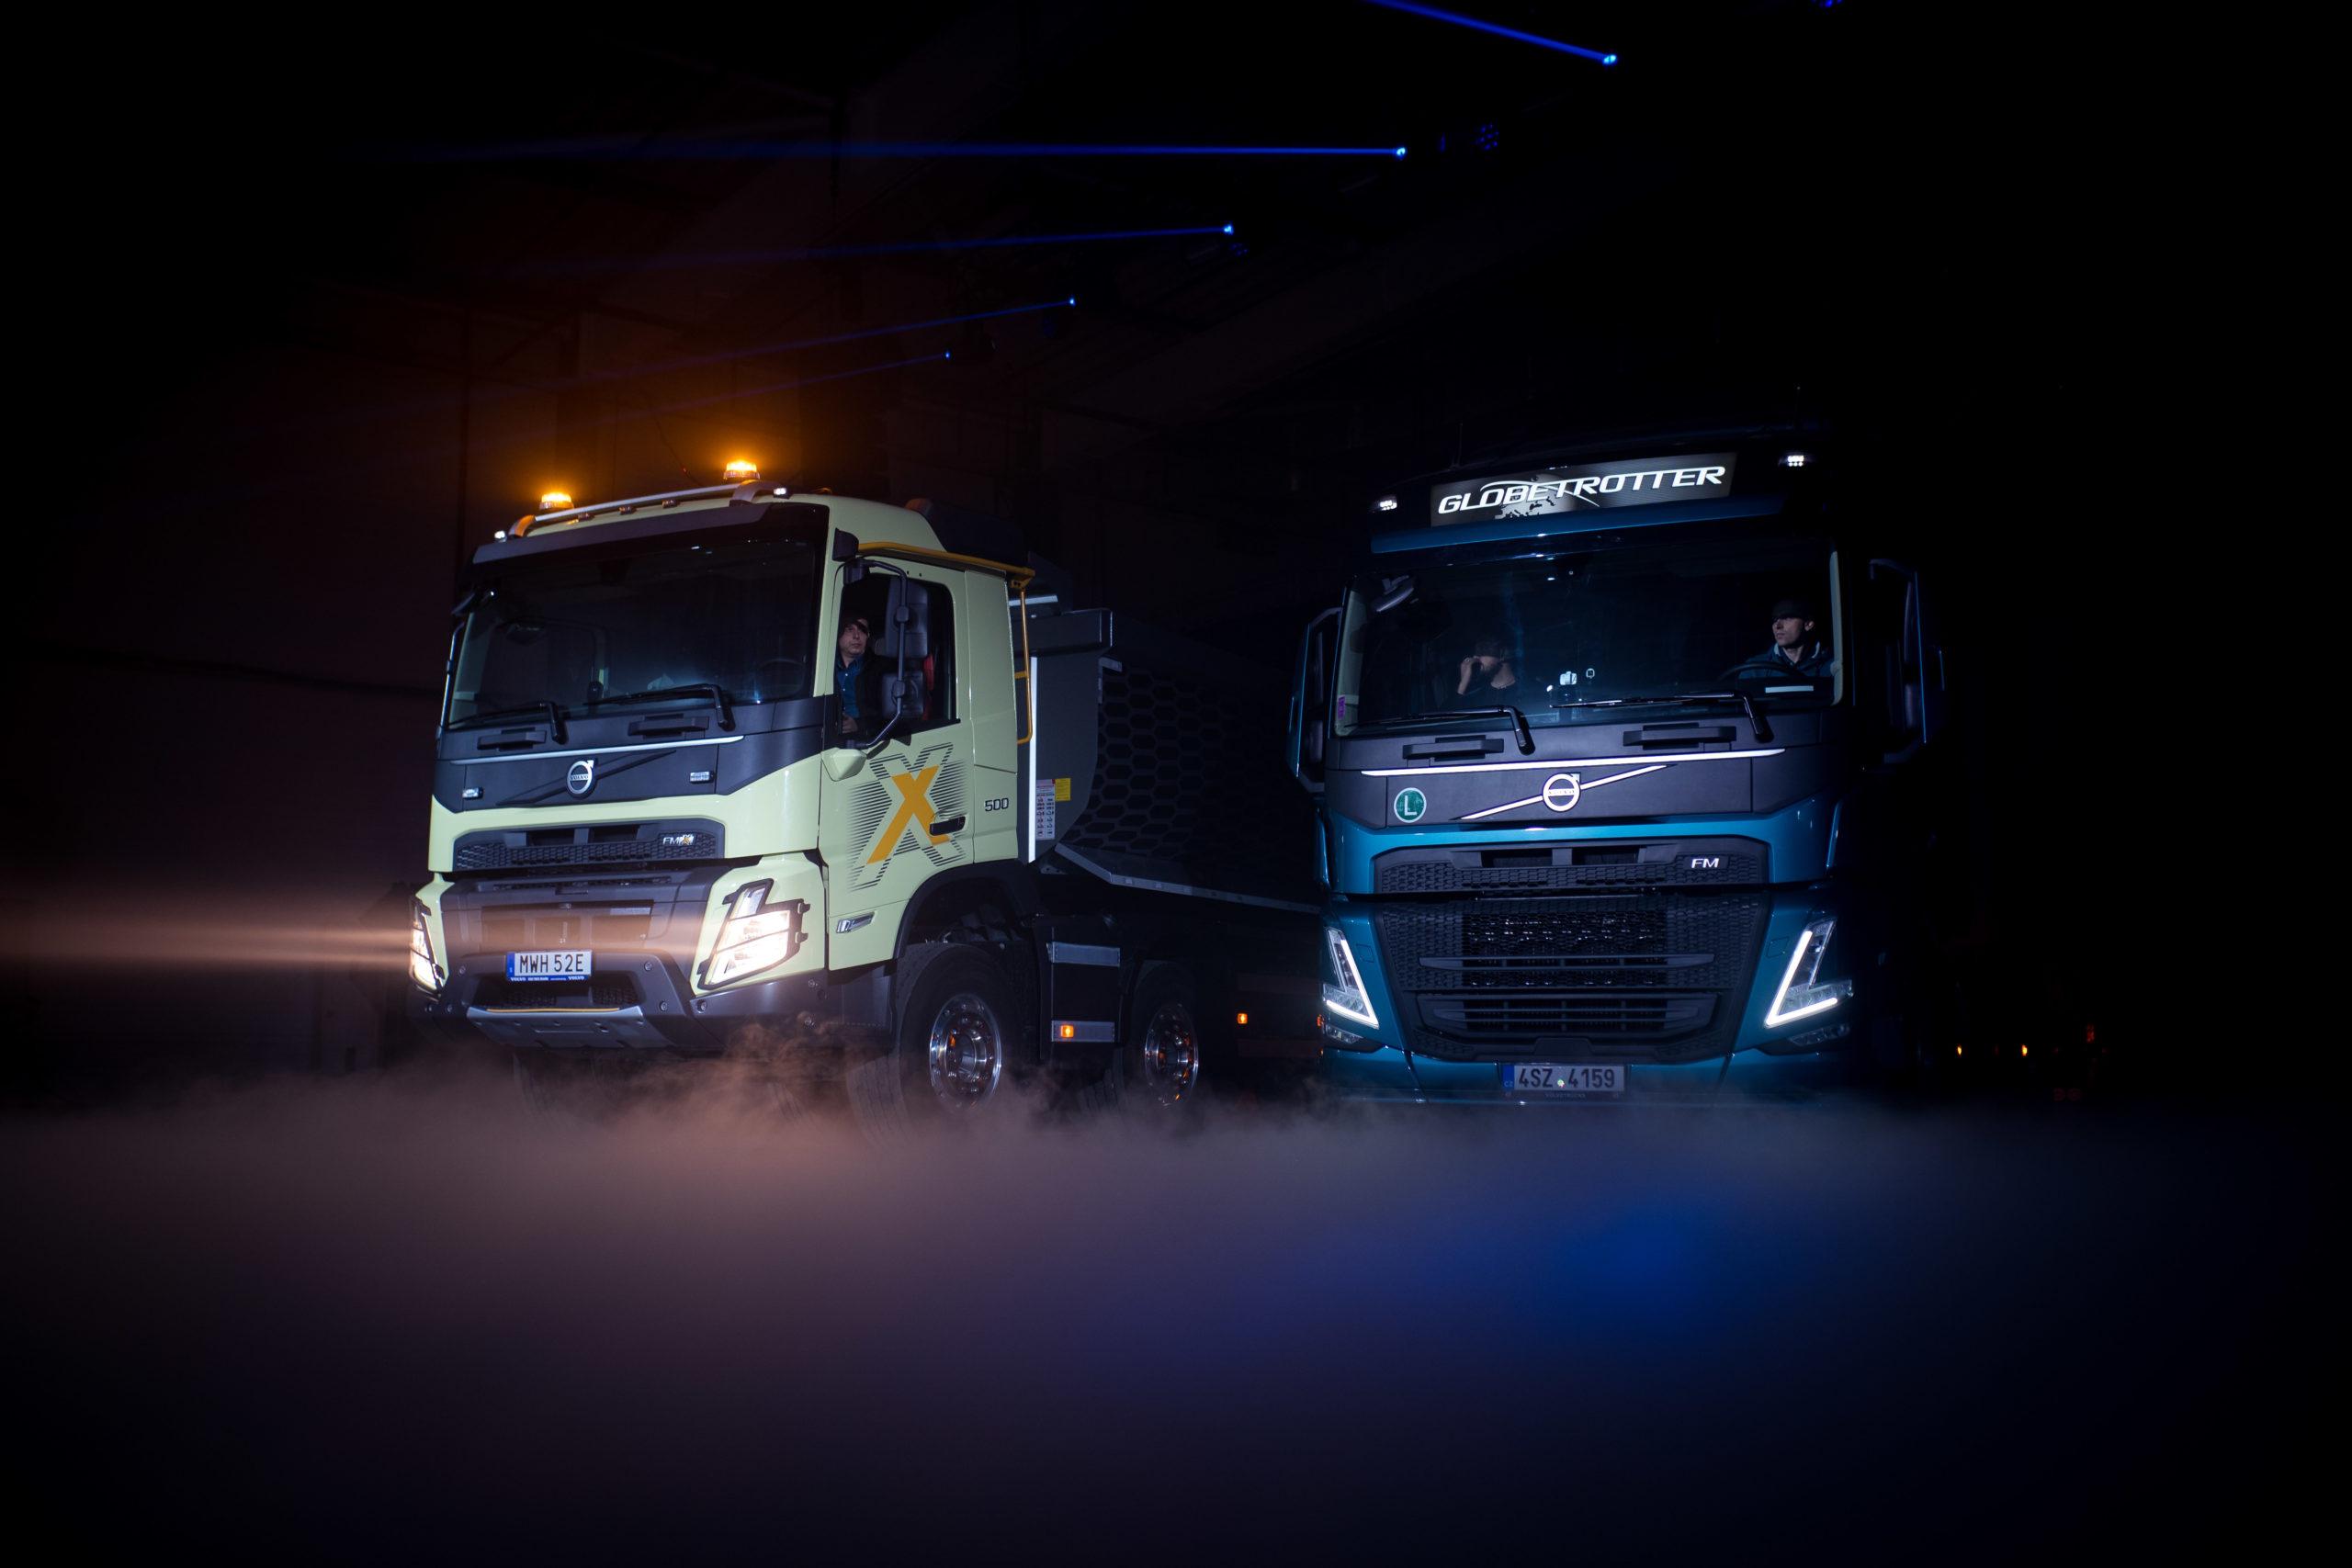 Volvo Україна презентувала новий модельний ряд – Volvo FH, FM і FMX